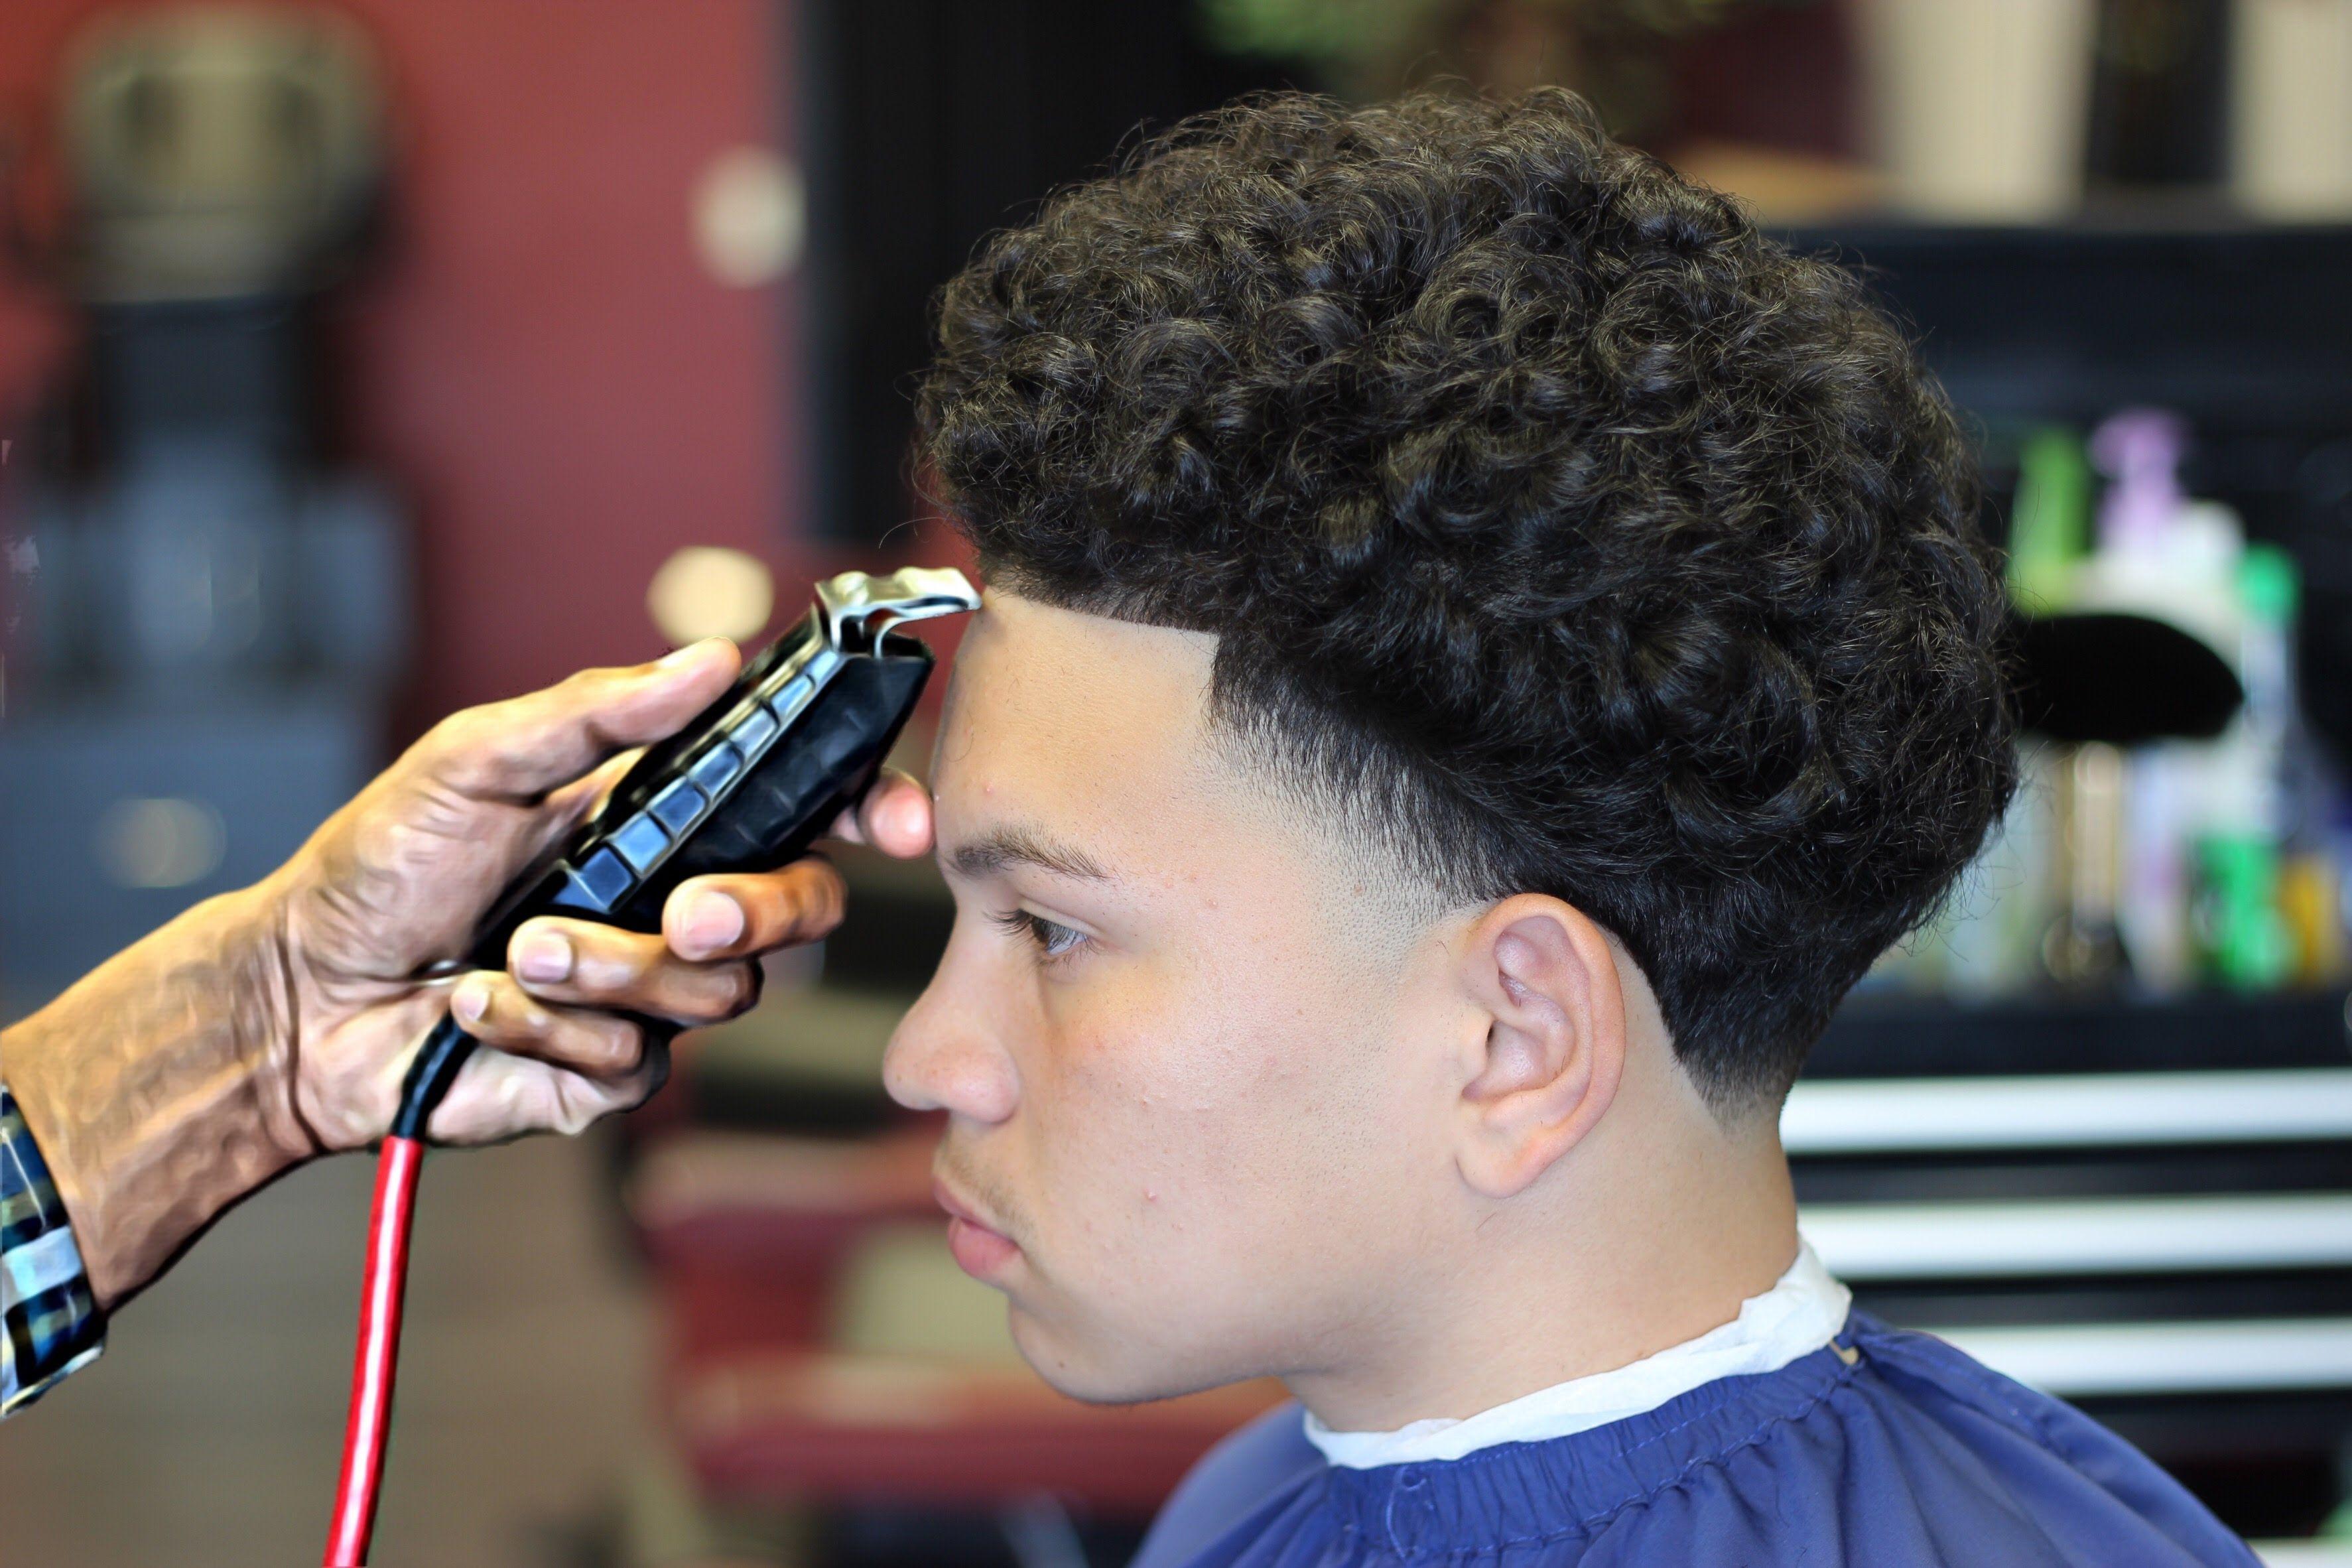 Freshest Blowout Taper Hd Blowout Hair Tutorial Blowout Haircut Fade Haircut